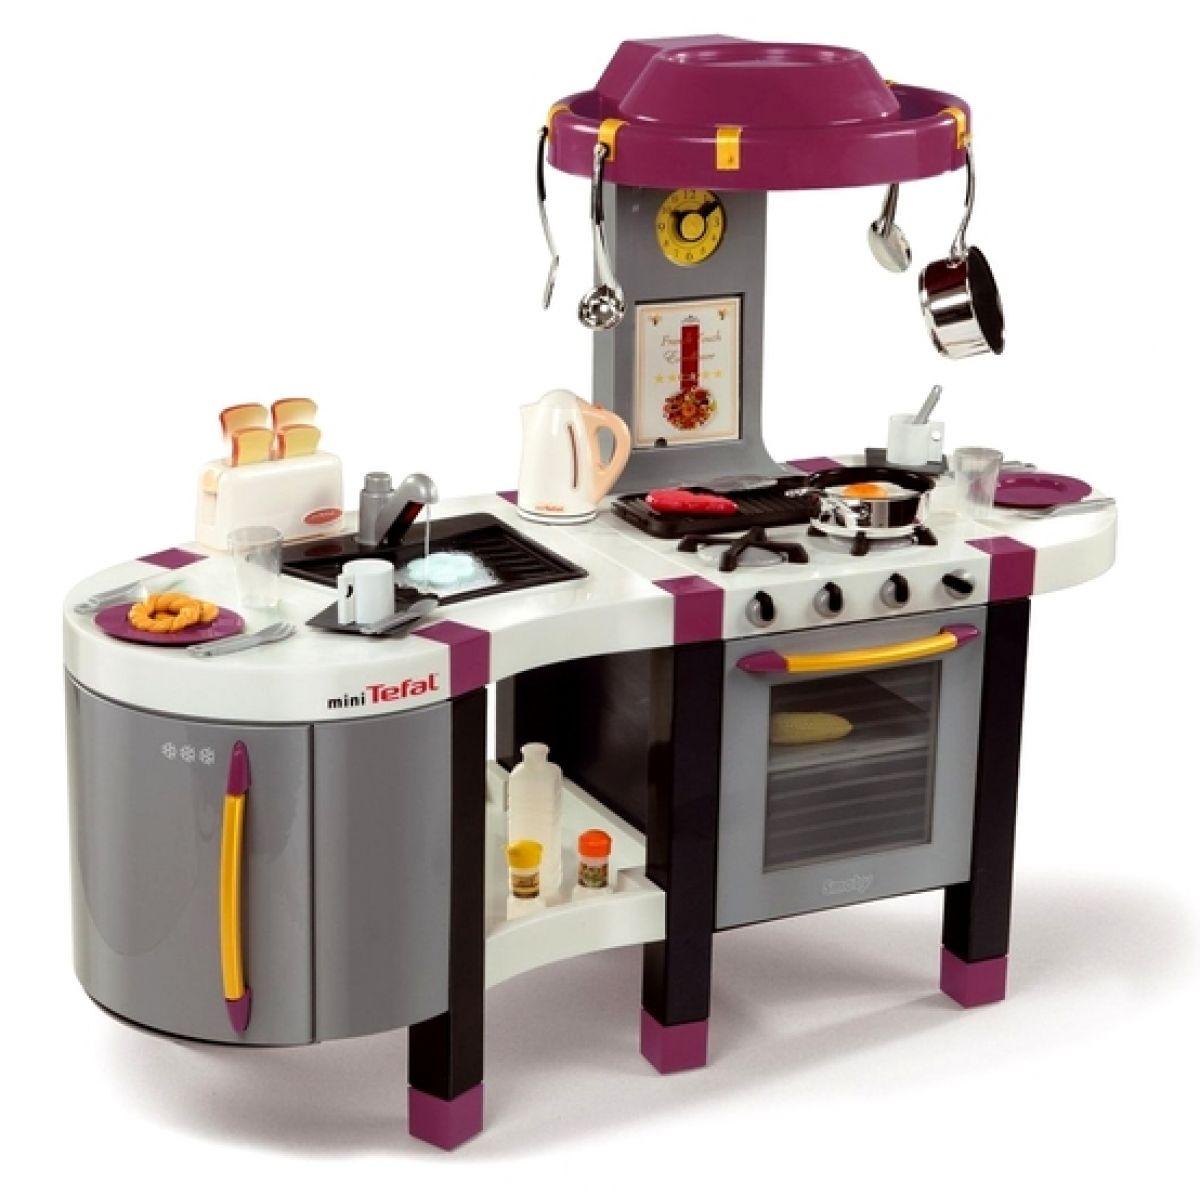 Kuchyňka Tefal French Touch Excellence s tekoucí vodou Smoby 024665